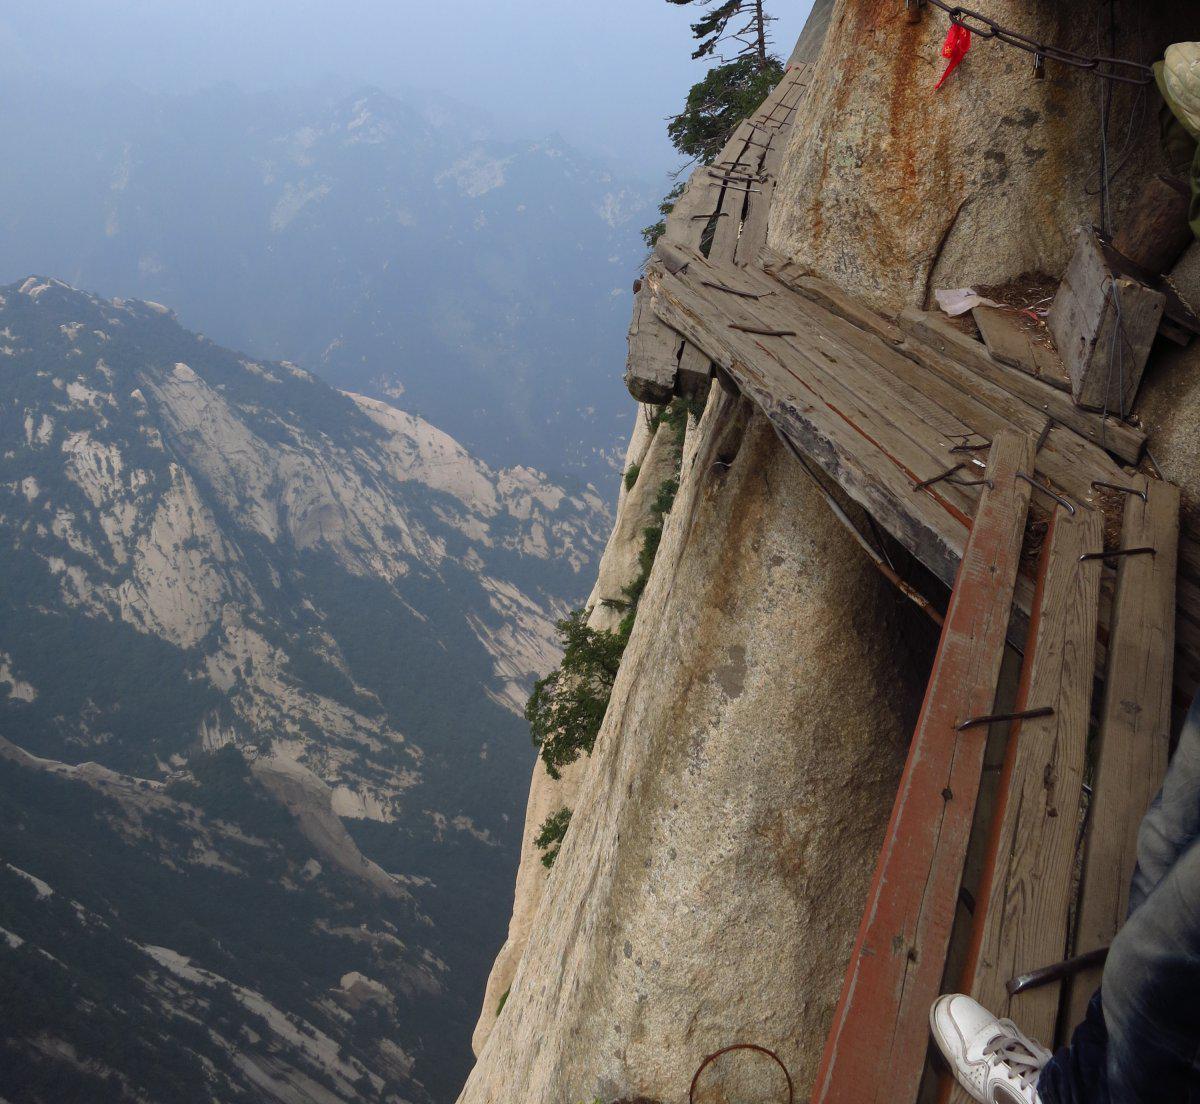 自古华山一条路,道出了中国著名的五岳之一华山的险,华山天下险是自然景观中险景之典范,不但令国内众多登山爱好者望而生畏,更是外国人叹为观止、称奇叫绝,据国外媒体2014年1月15日报道,华山被当之无愧地评为世界上最危险的地方之一。 华山位于陕西华阴县城南,海拔2154.9米米,北瞰黄河,南连秦岭。《水经注》说它远而望之若华状,因名华山。又以其西临少华山,故称太华。其主峰为落雁(南部)、朝阳(东峰)、莲花(西峰),玉女(中峰)、五云、云台(北峰)等峰。著名的华山峪登山道与西峰高差达千米,